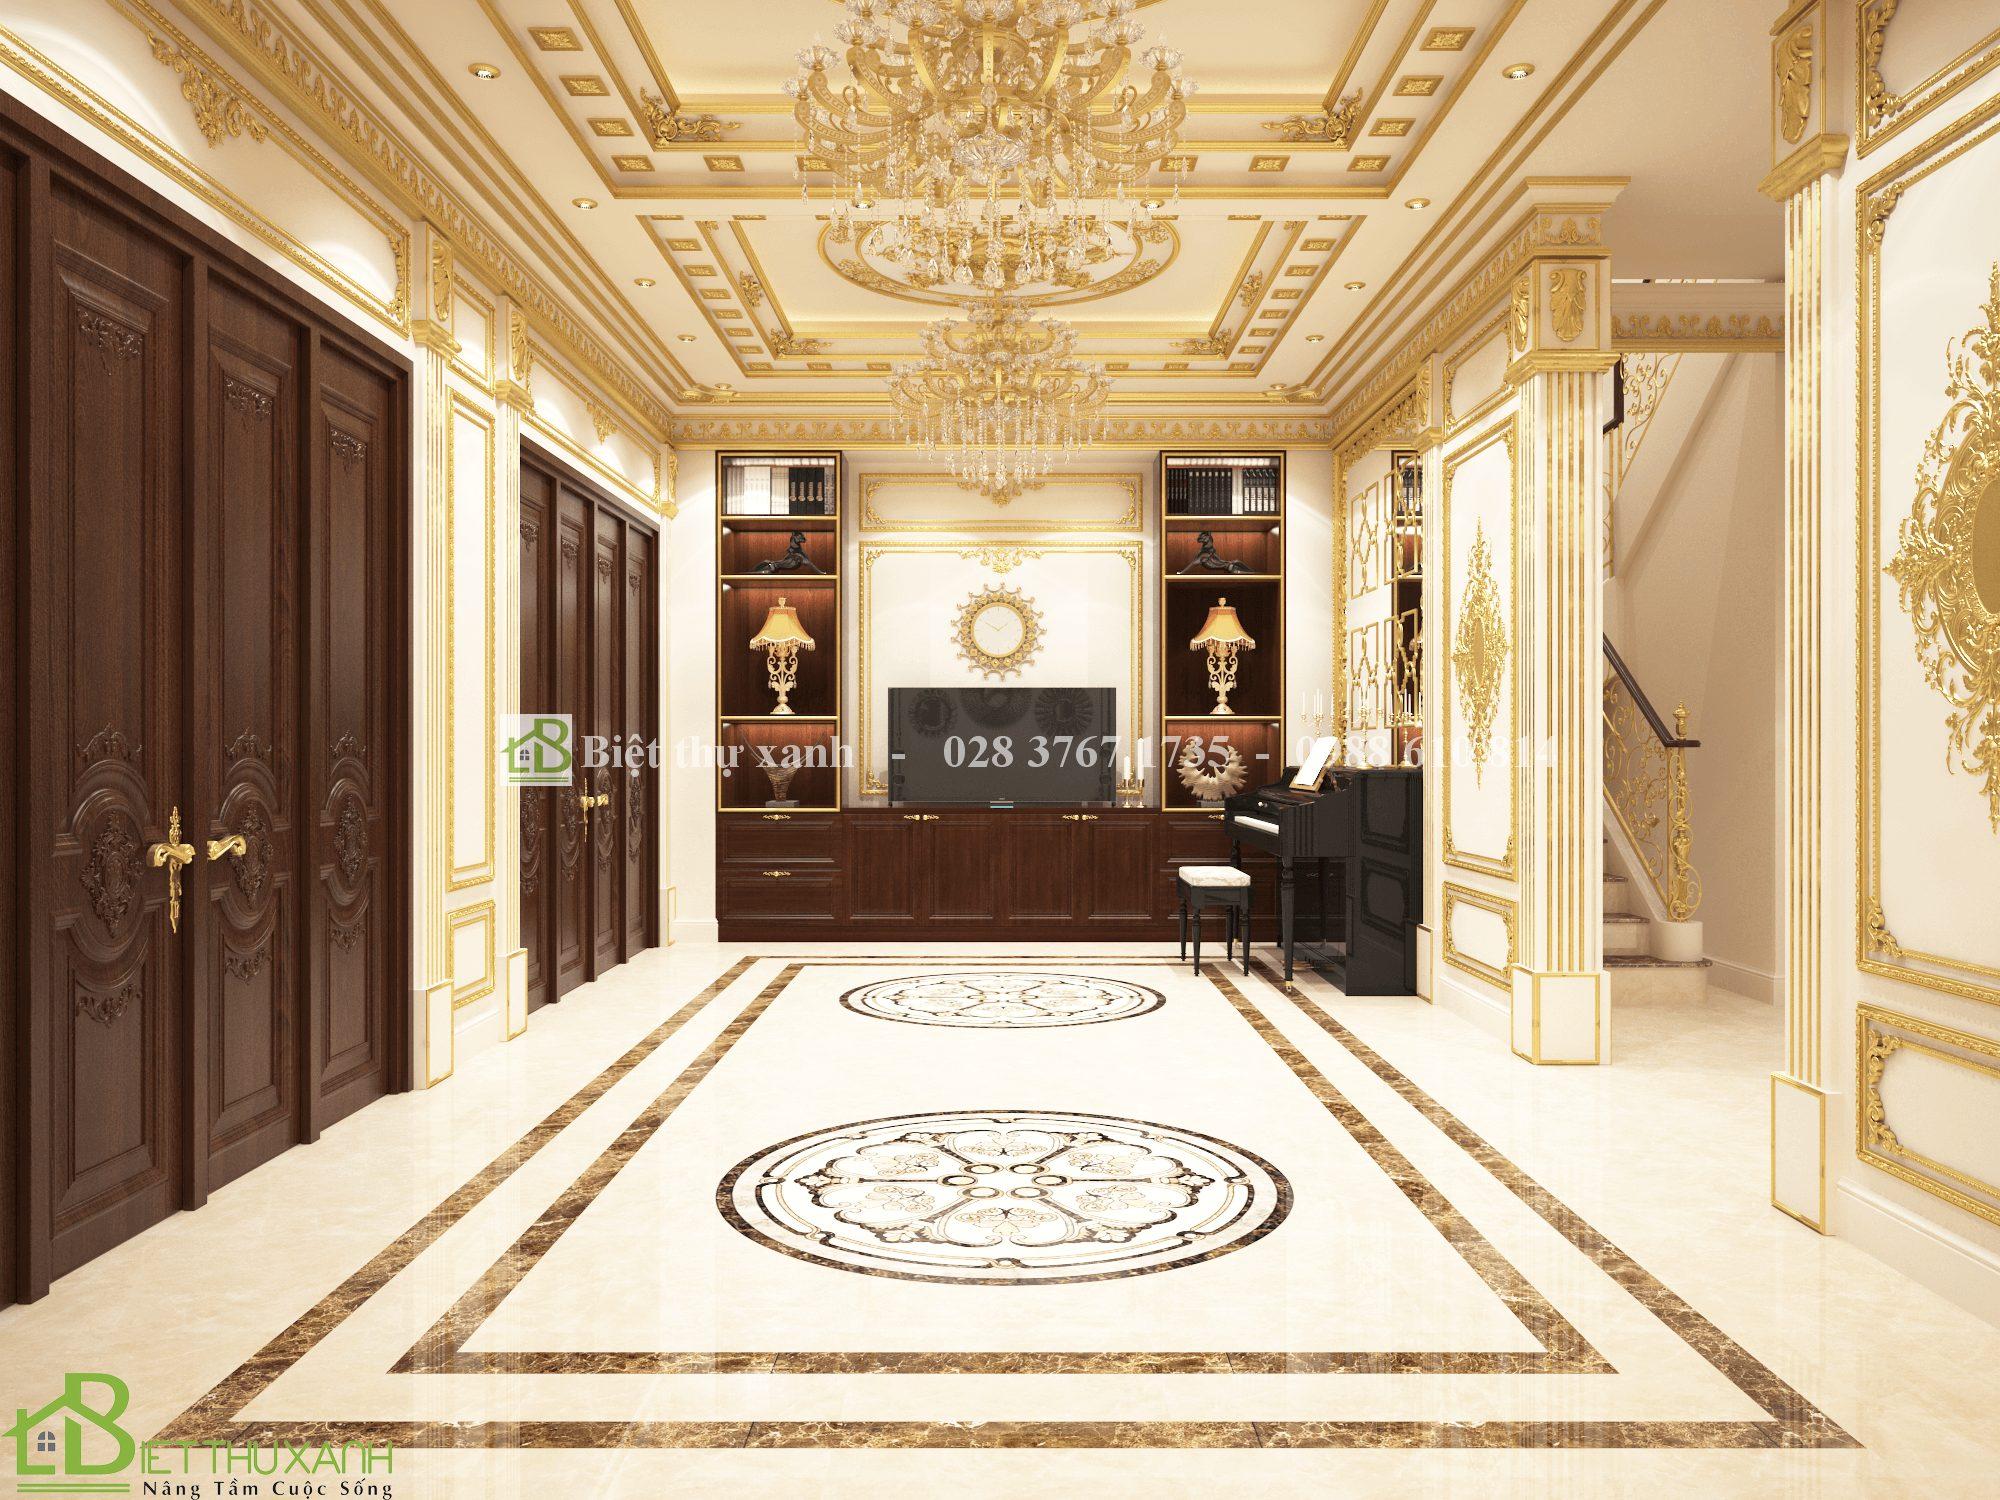 Mẫu biệt thự cổ điển 5 tầng - nội thất phòng khách